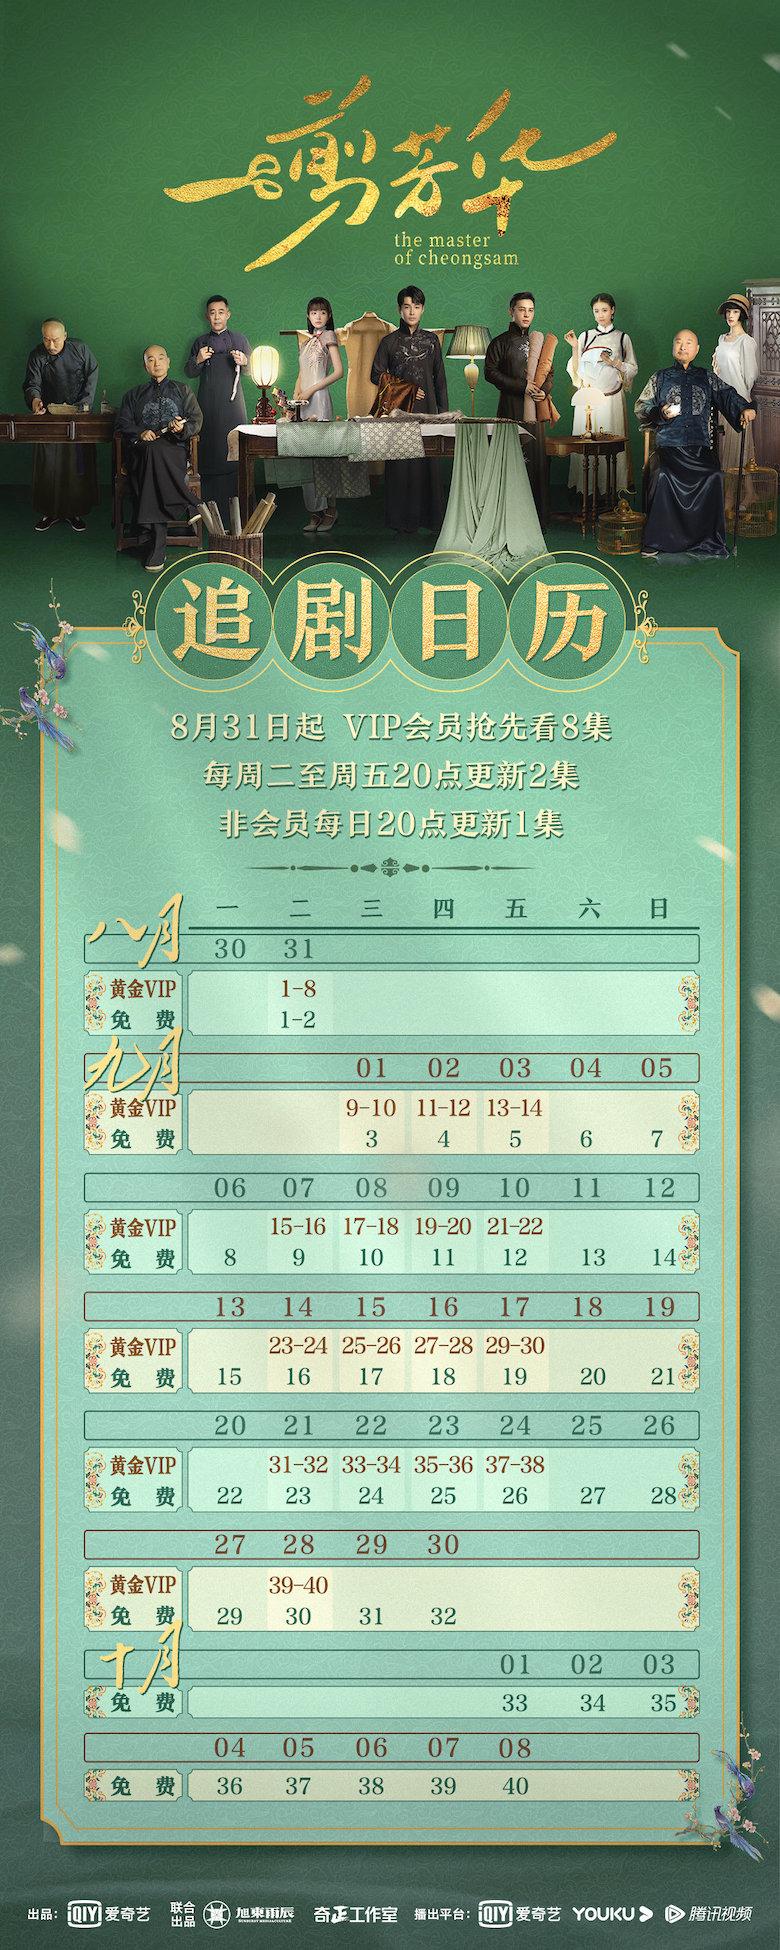 The Master of Cheongsam Chinese Drama Airing Calendar